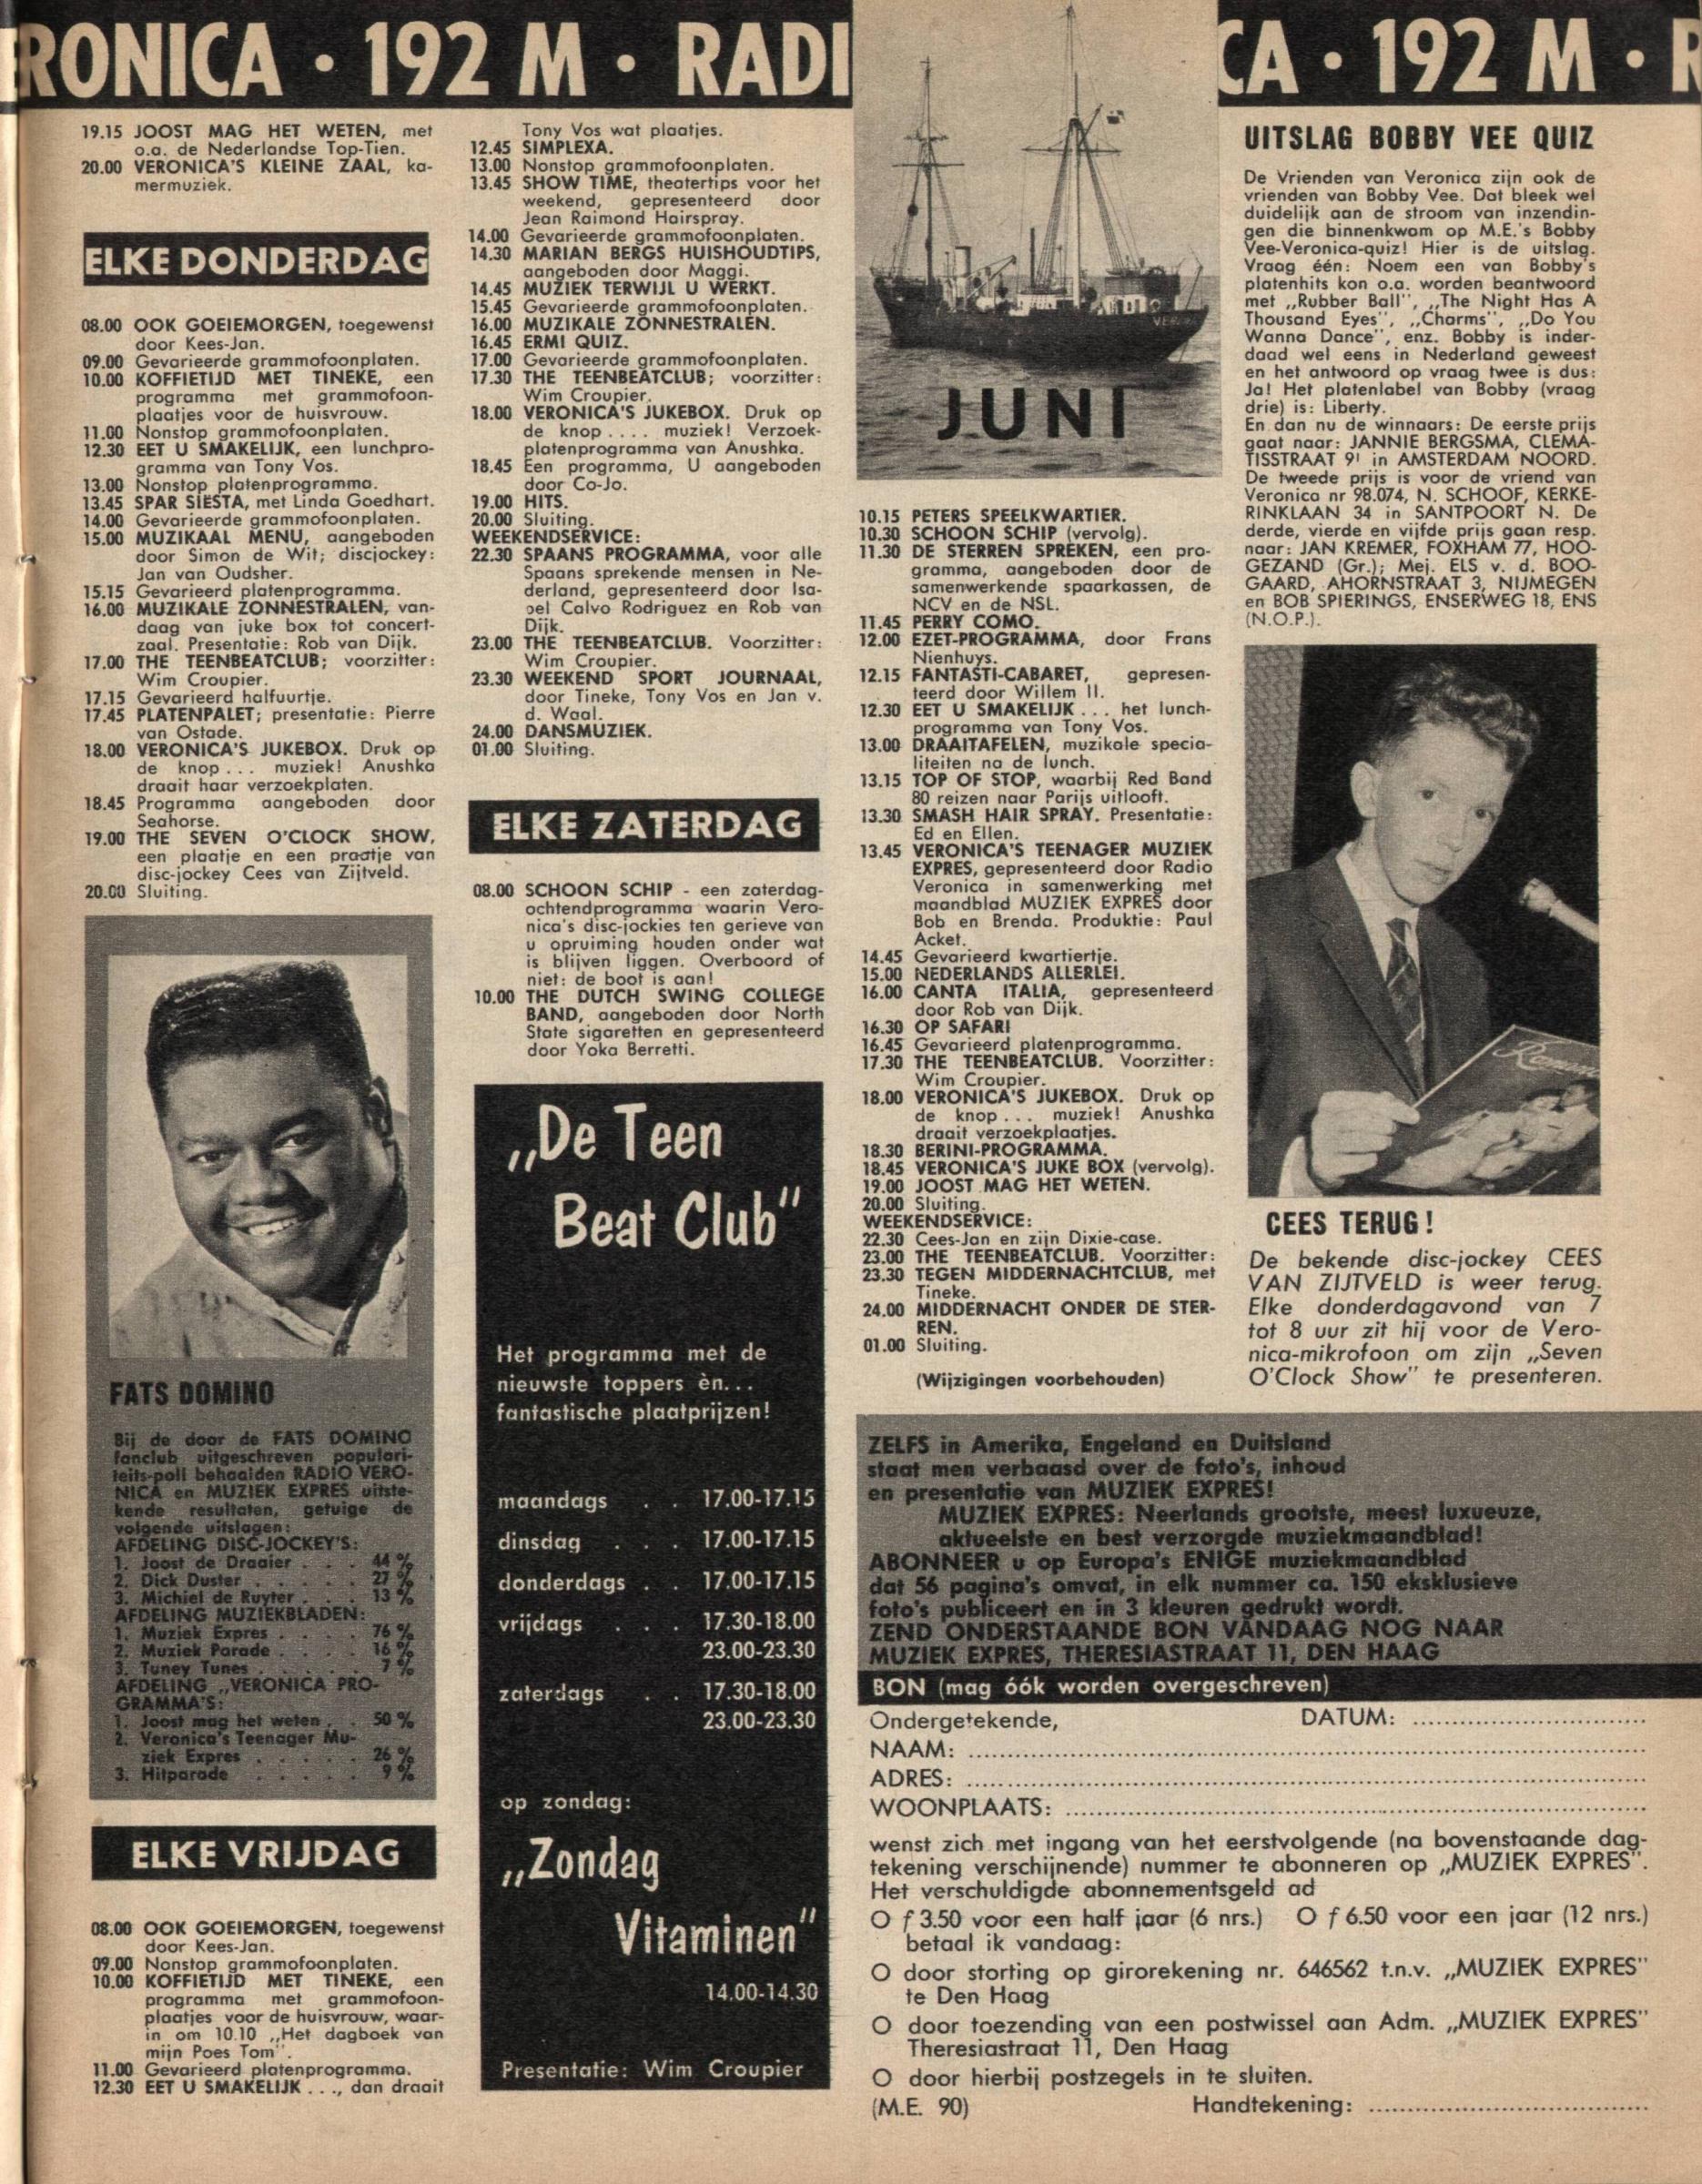 MuziekExpres-196306-2.jpg